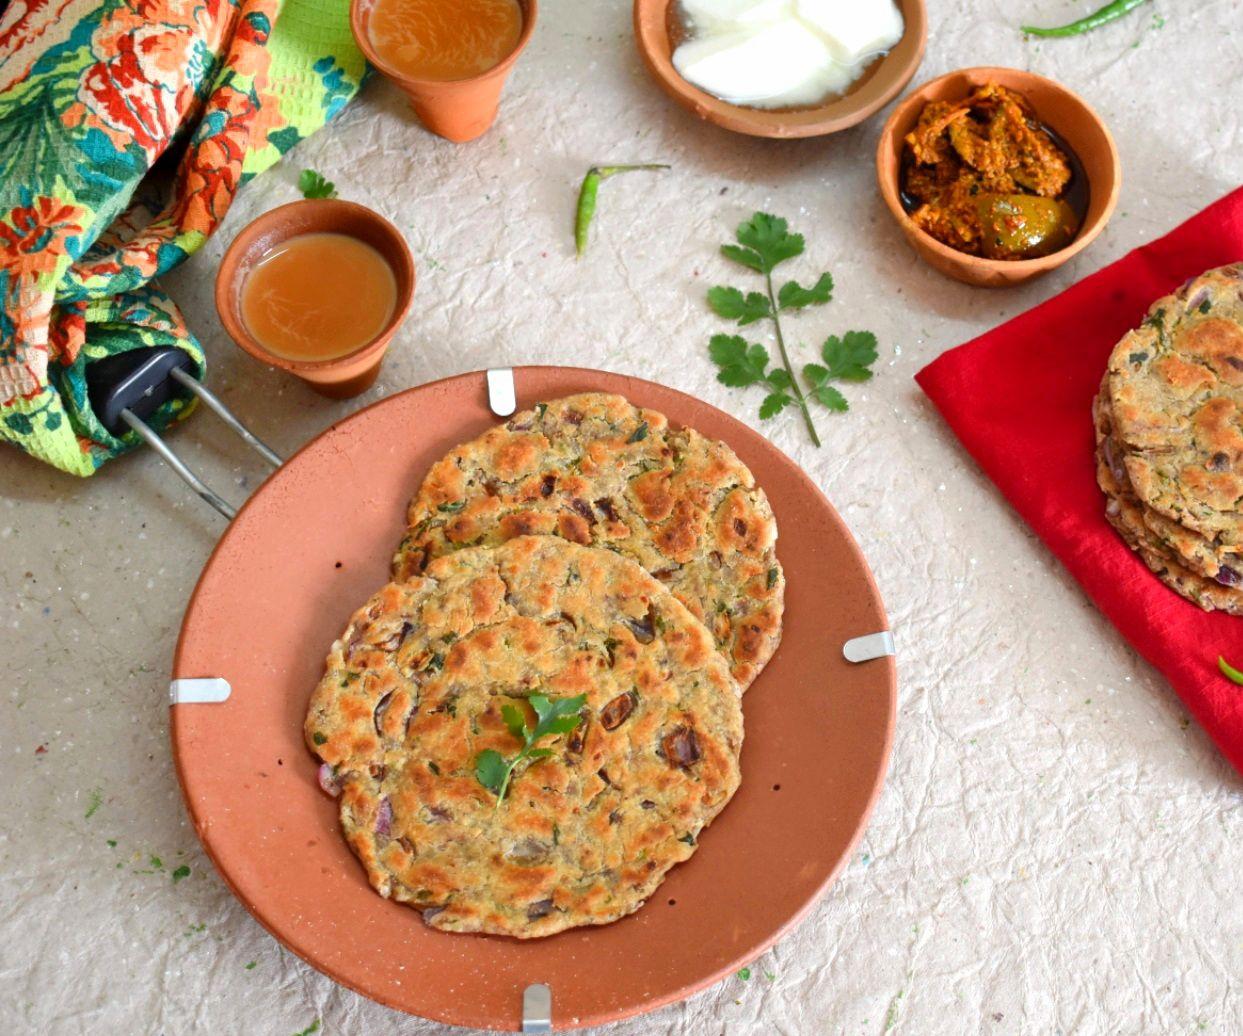 Sindhi Koki Recipe | How to Make Sindhi Koki